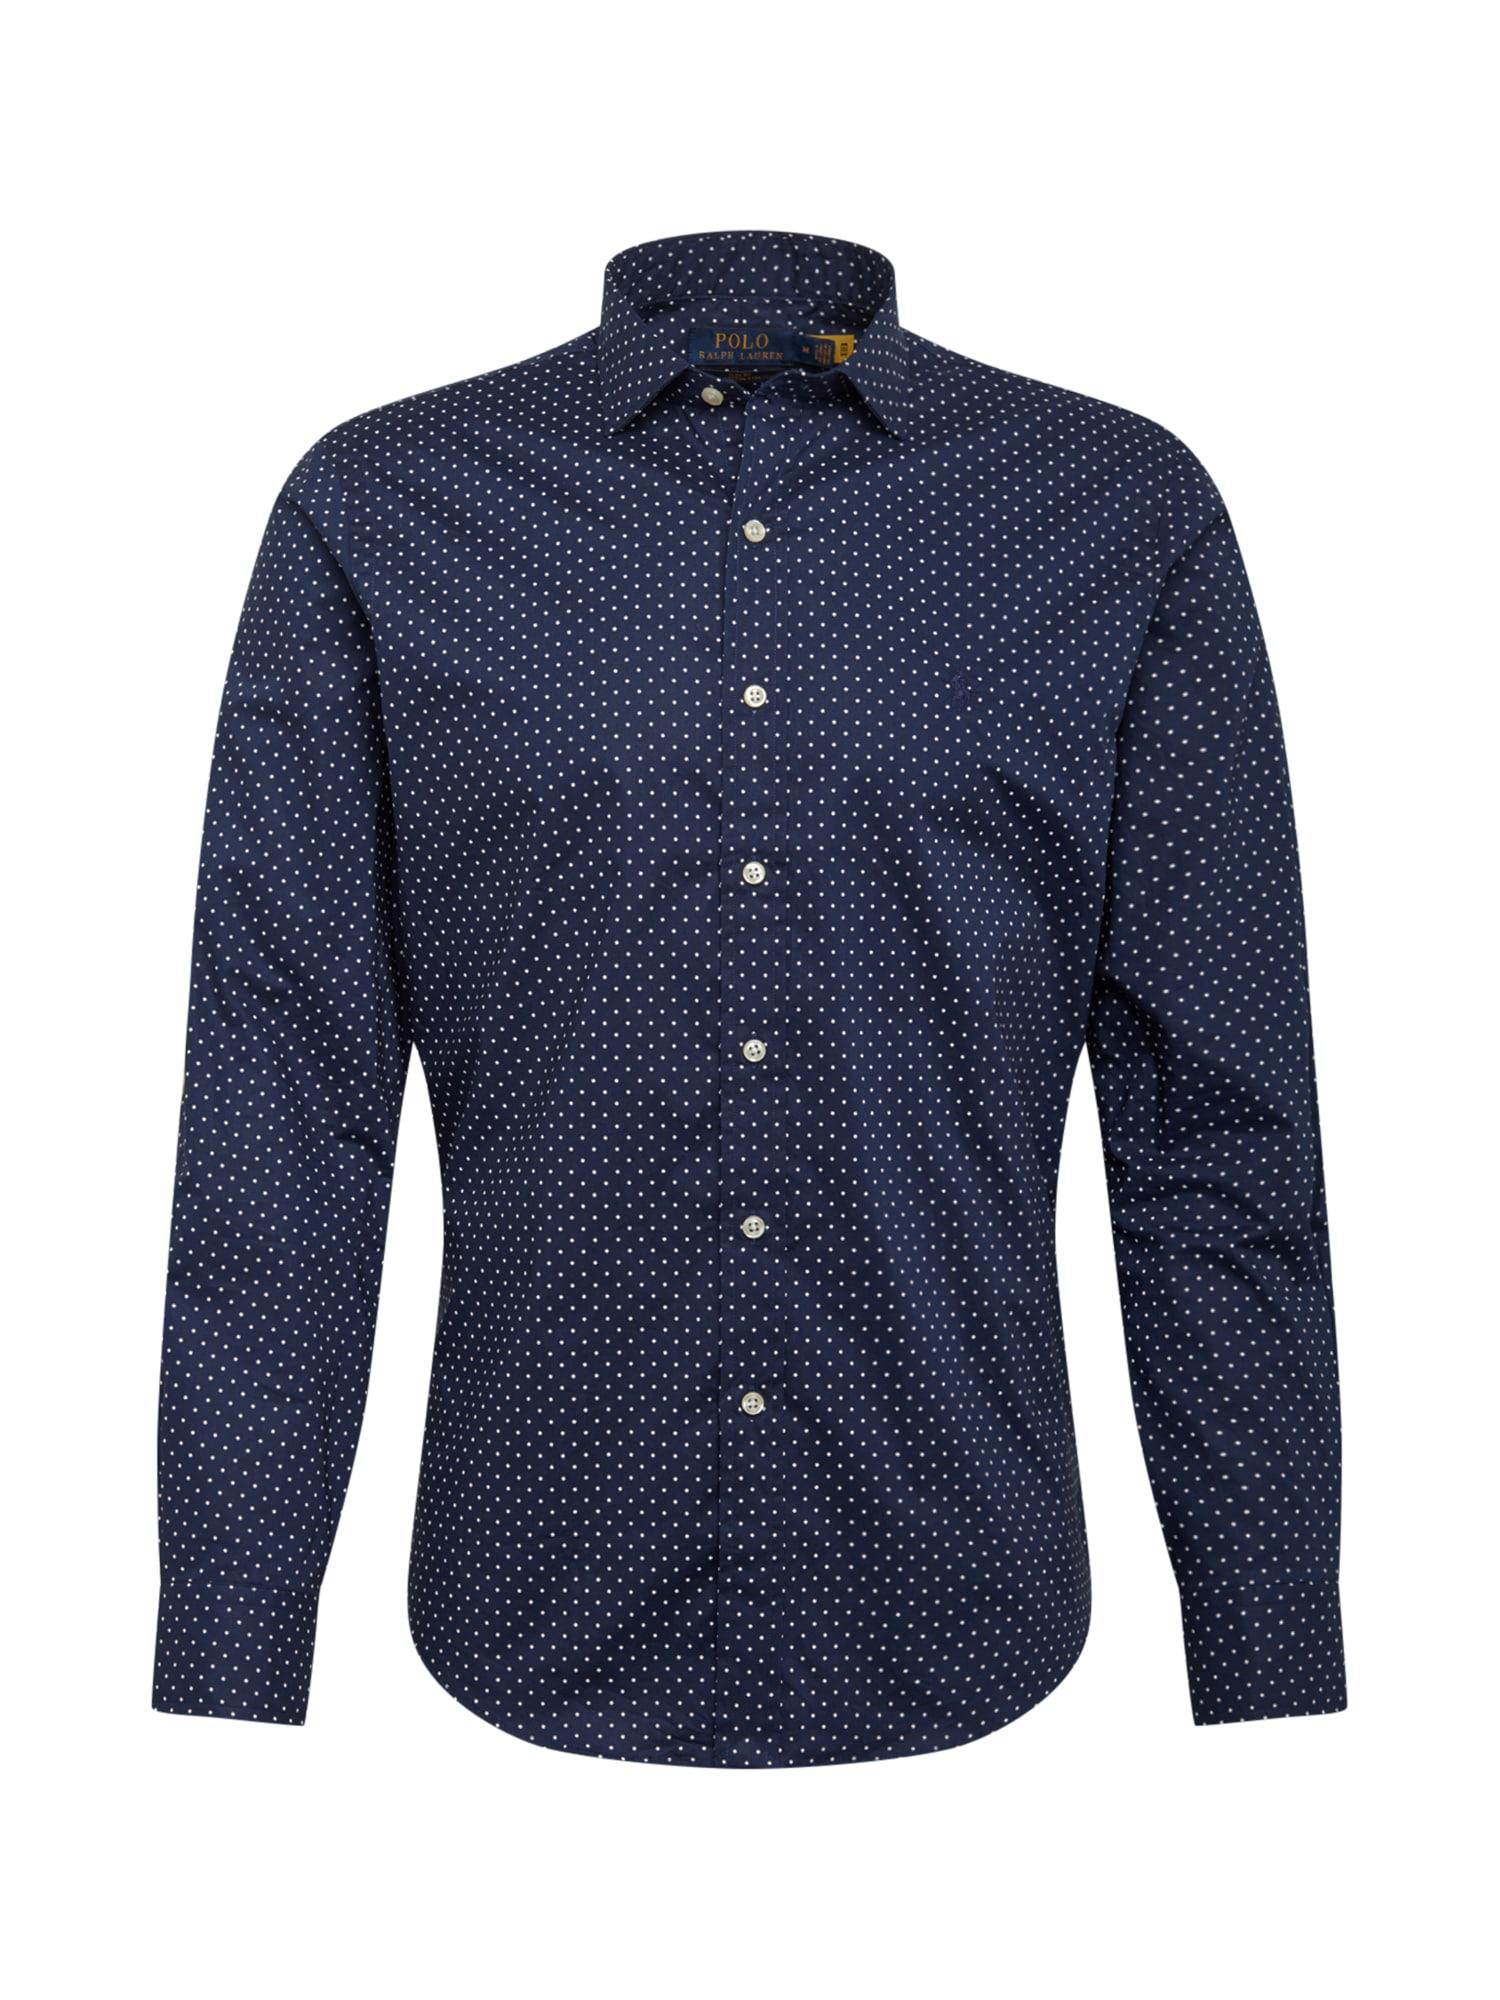 POLO RALPH LAUREN Dalykinio stiliaus marškiniai tamsiai mėlyna / balta